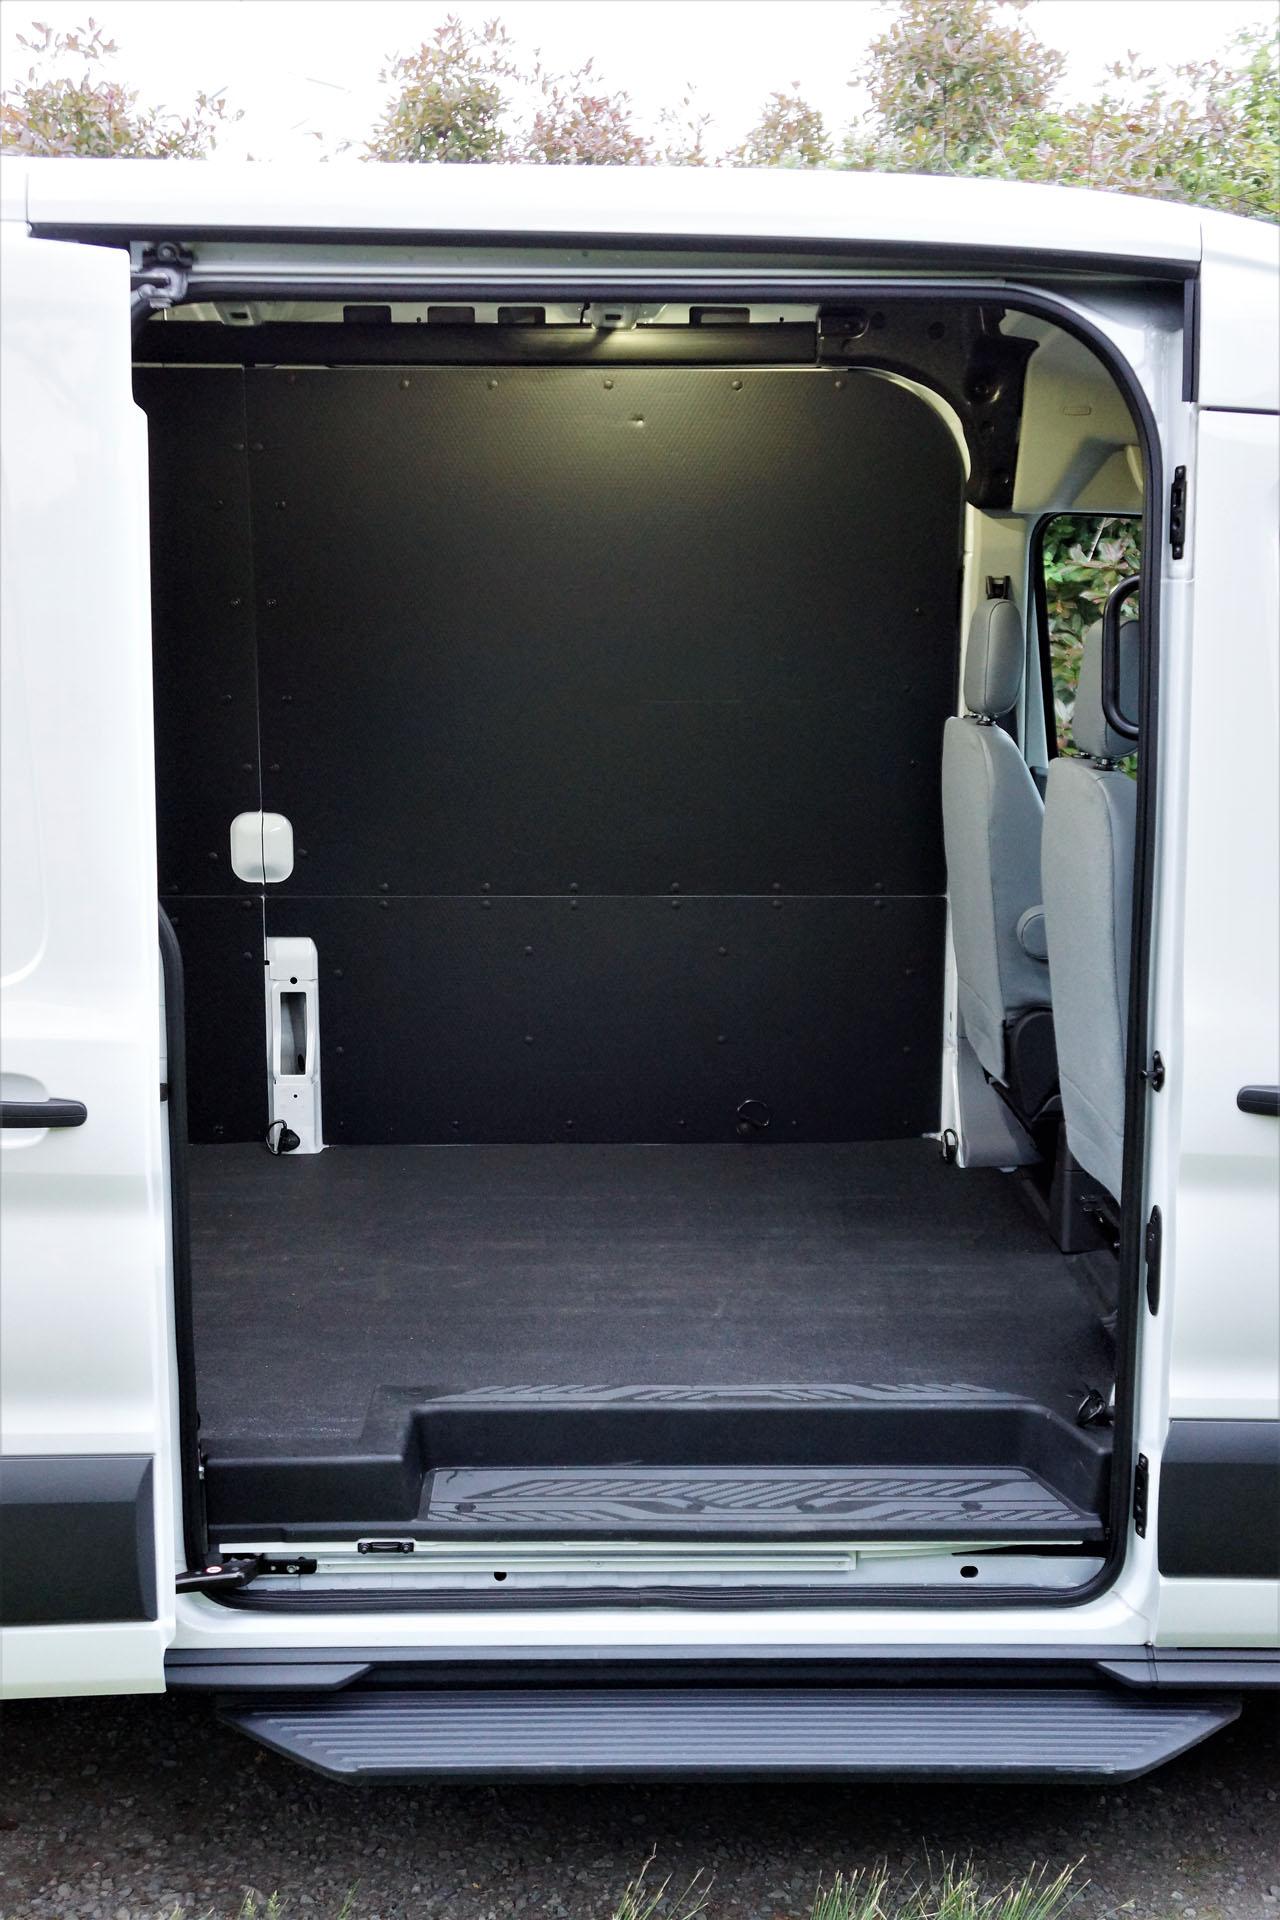 2017 Ford Transit 350 Diesel Van Road Test